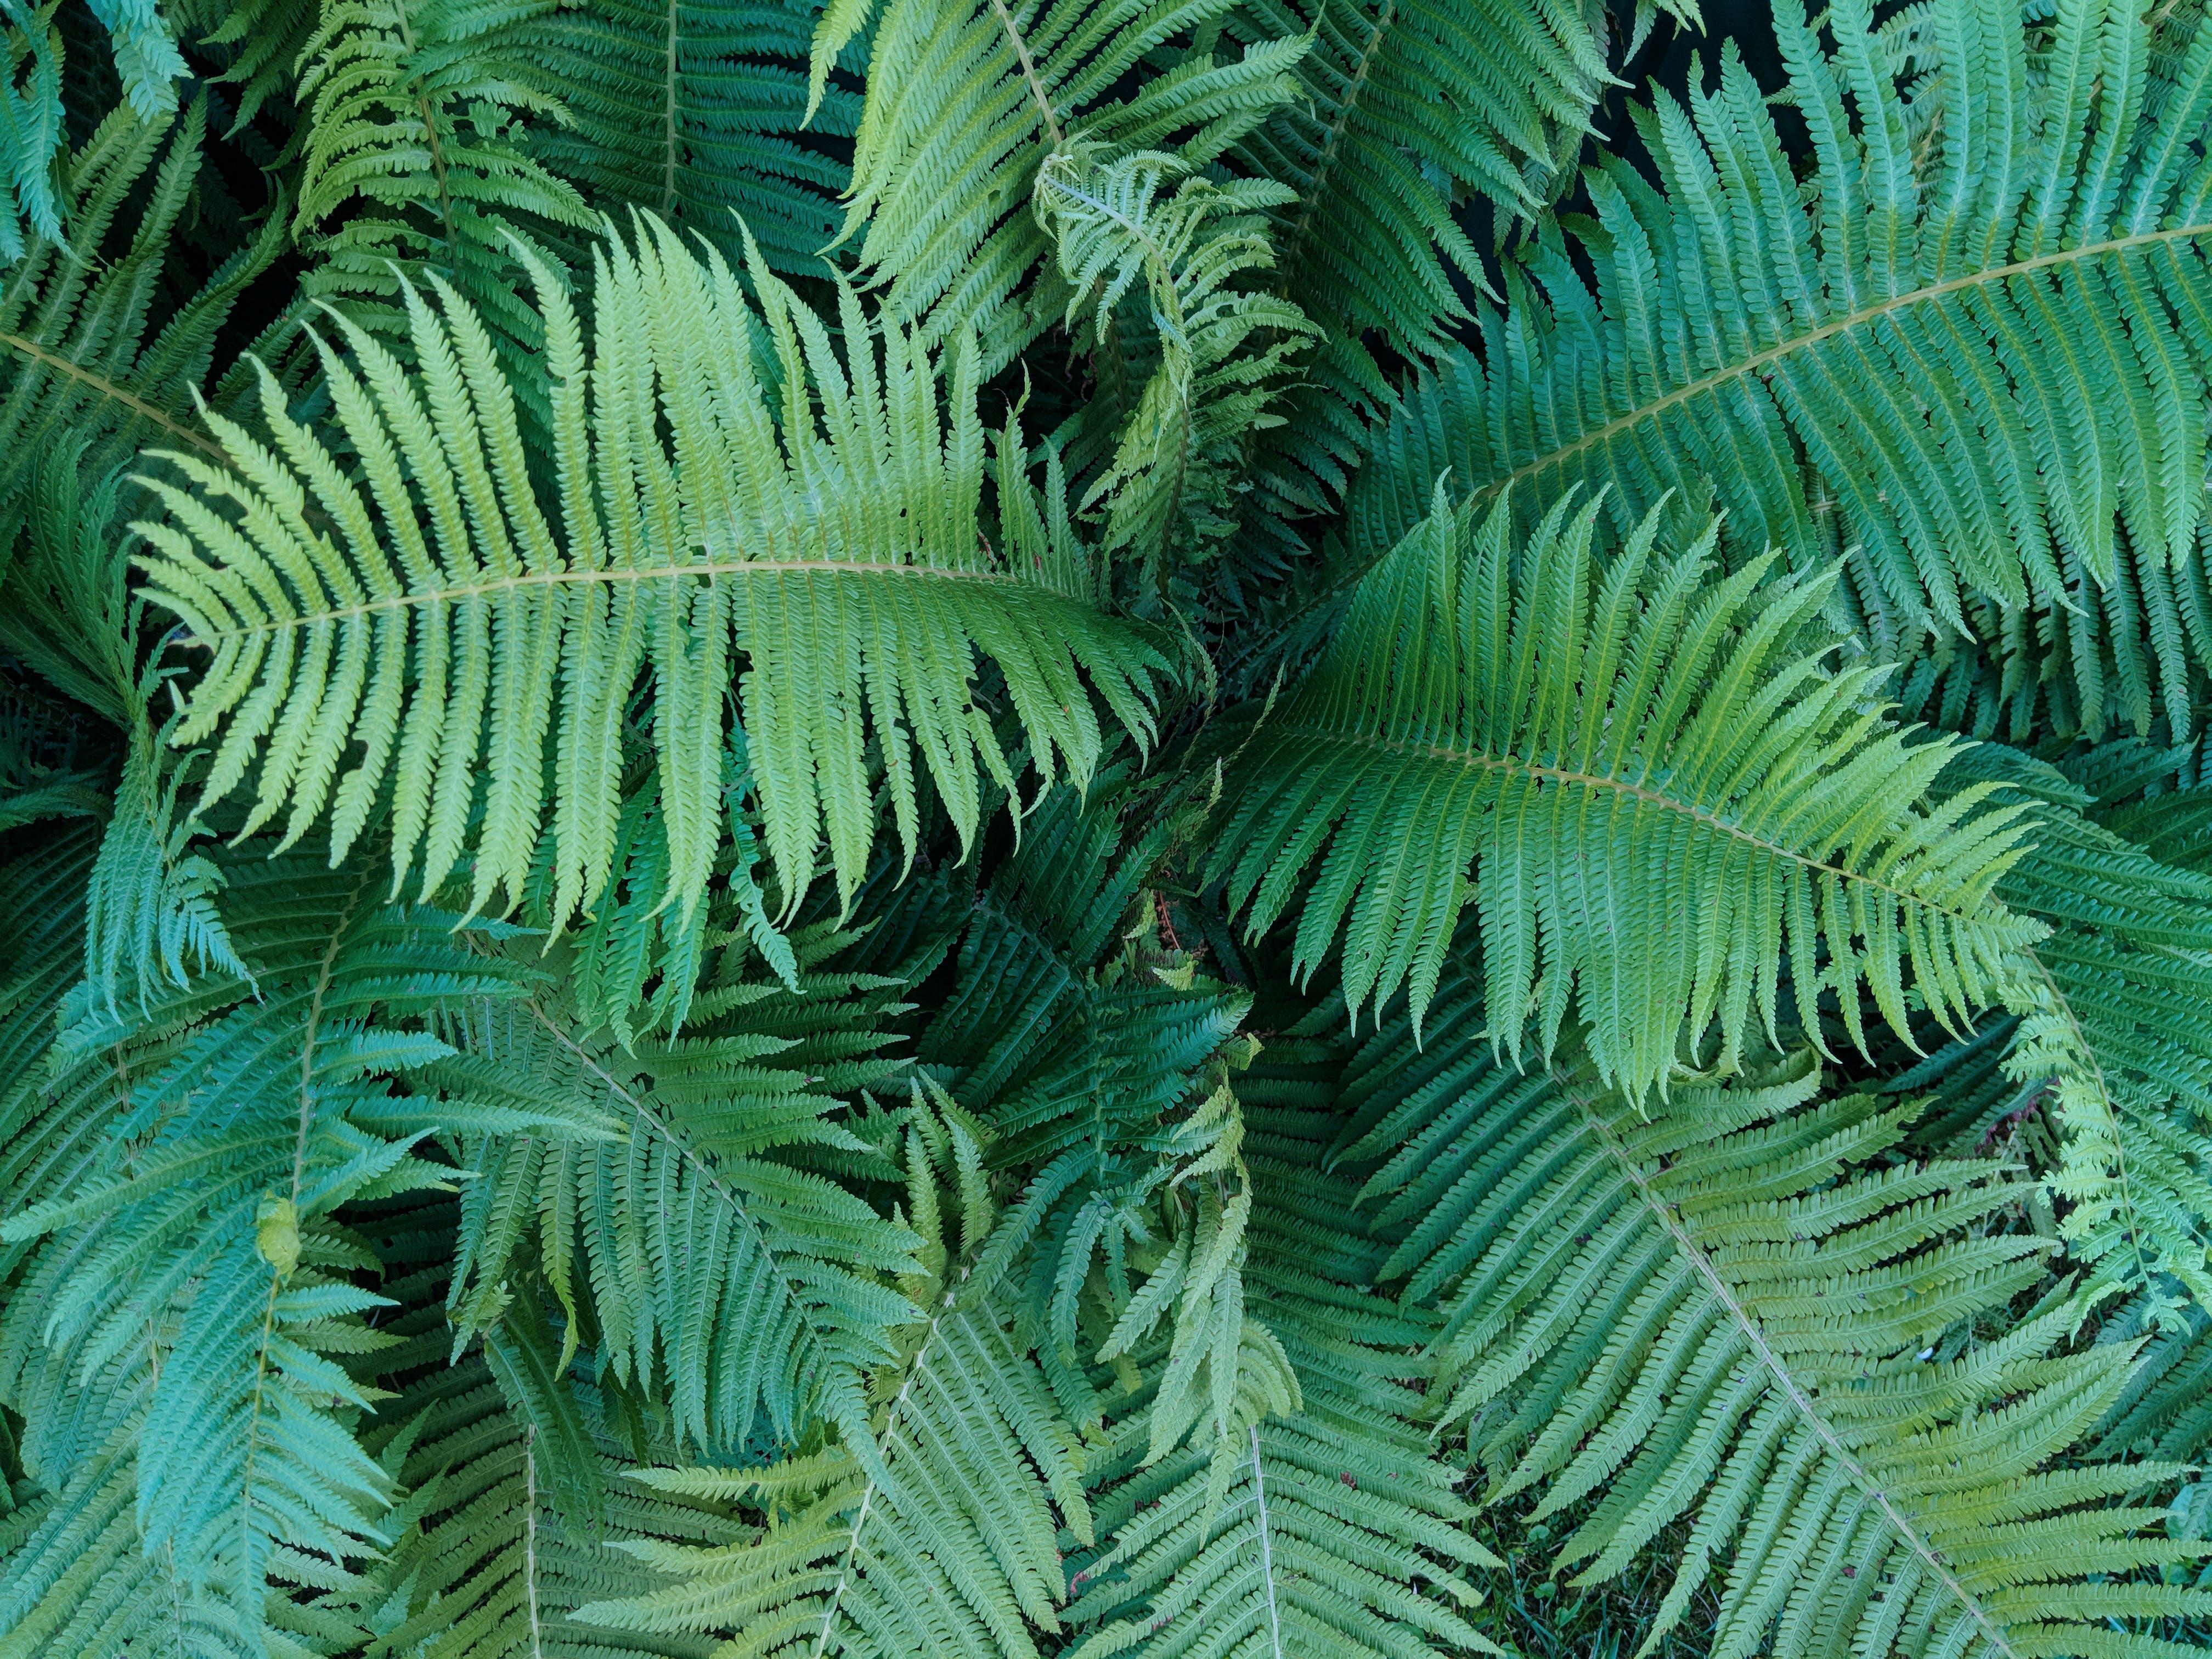 Kostenloses Stock Foto zu farn, grün, immergrün